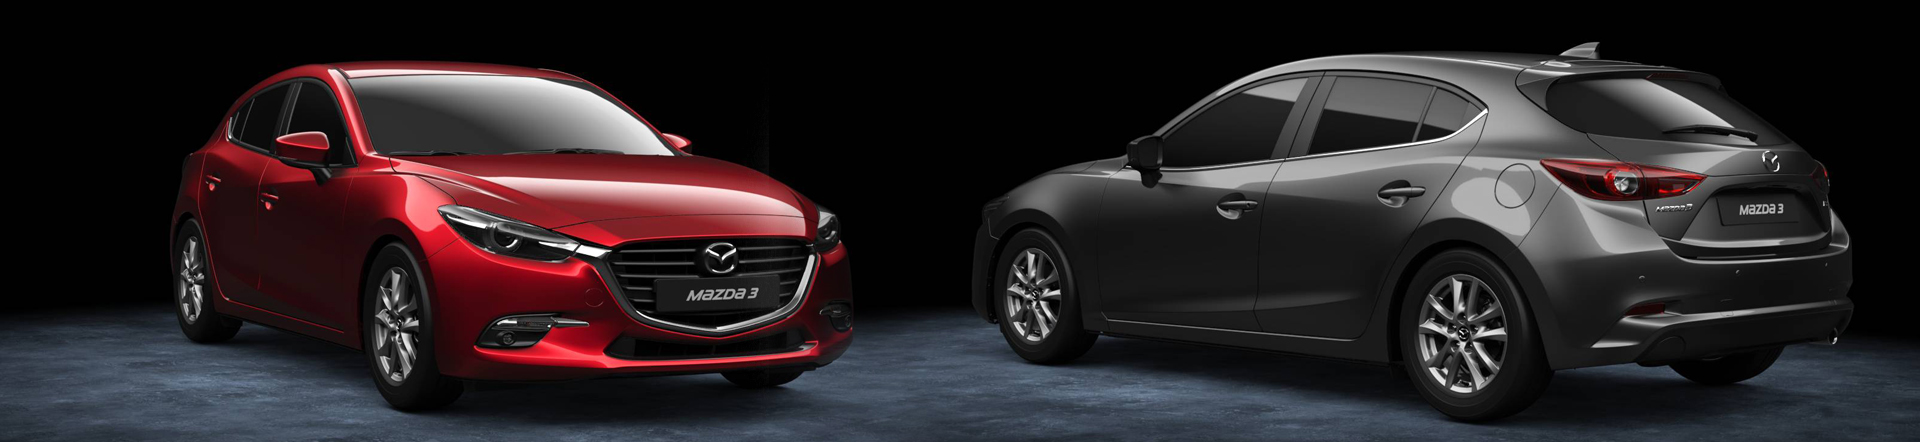 Mazda3 Hatchback Headerbild